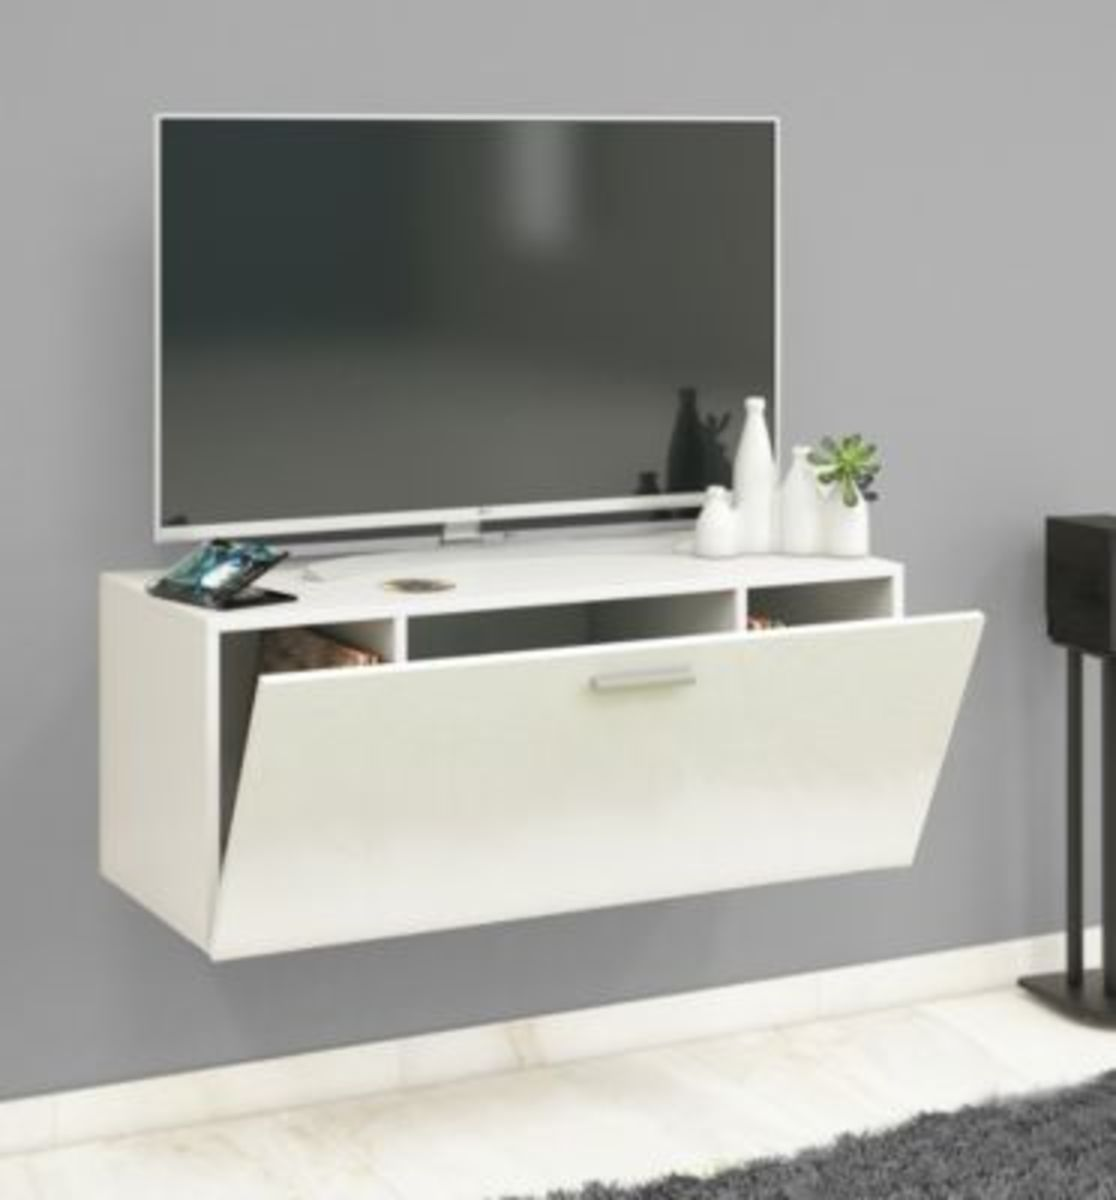 """Bild 2 von VCM TV Wand Board Fernsehtisch Lowboard Wohnwand Regal Wandschrank Schrank Tisch Hängend """"Fernso"""" VCM TV-Wand-Lowboard """"Fernso"""" (Farbe: B. 95cm: Weiß)"""